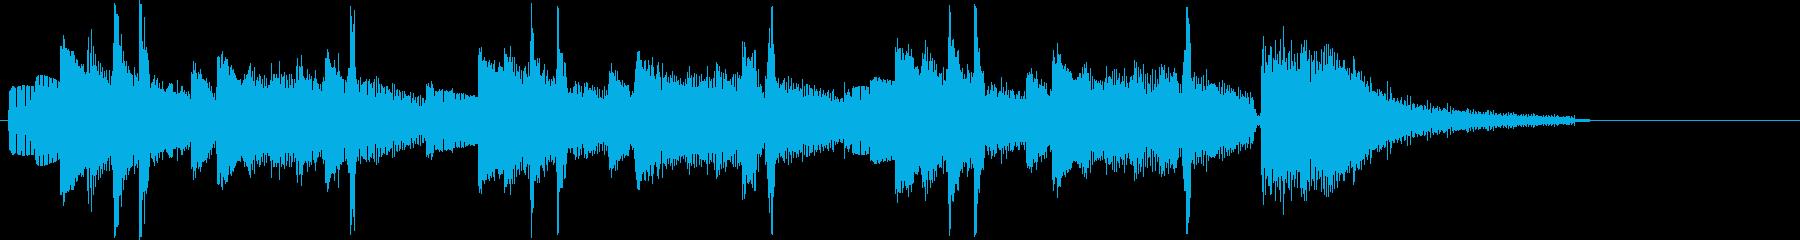 美しいシンセ・キラキラ音など短めの再生済みの波形